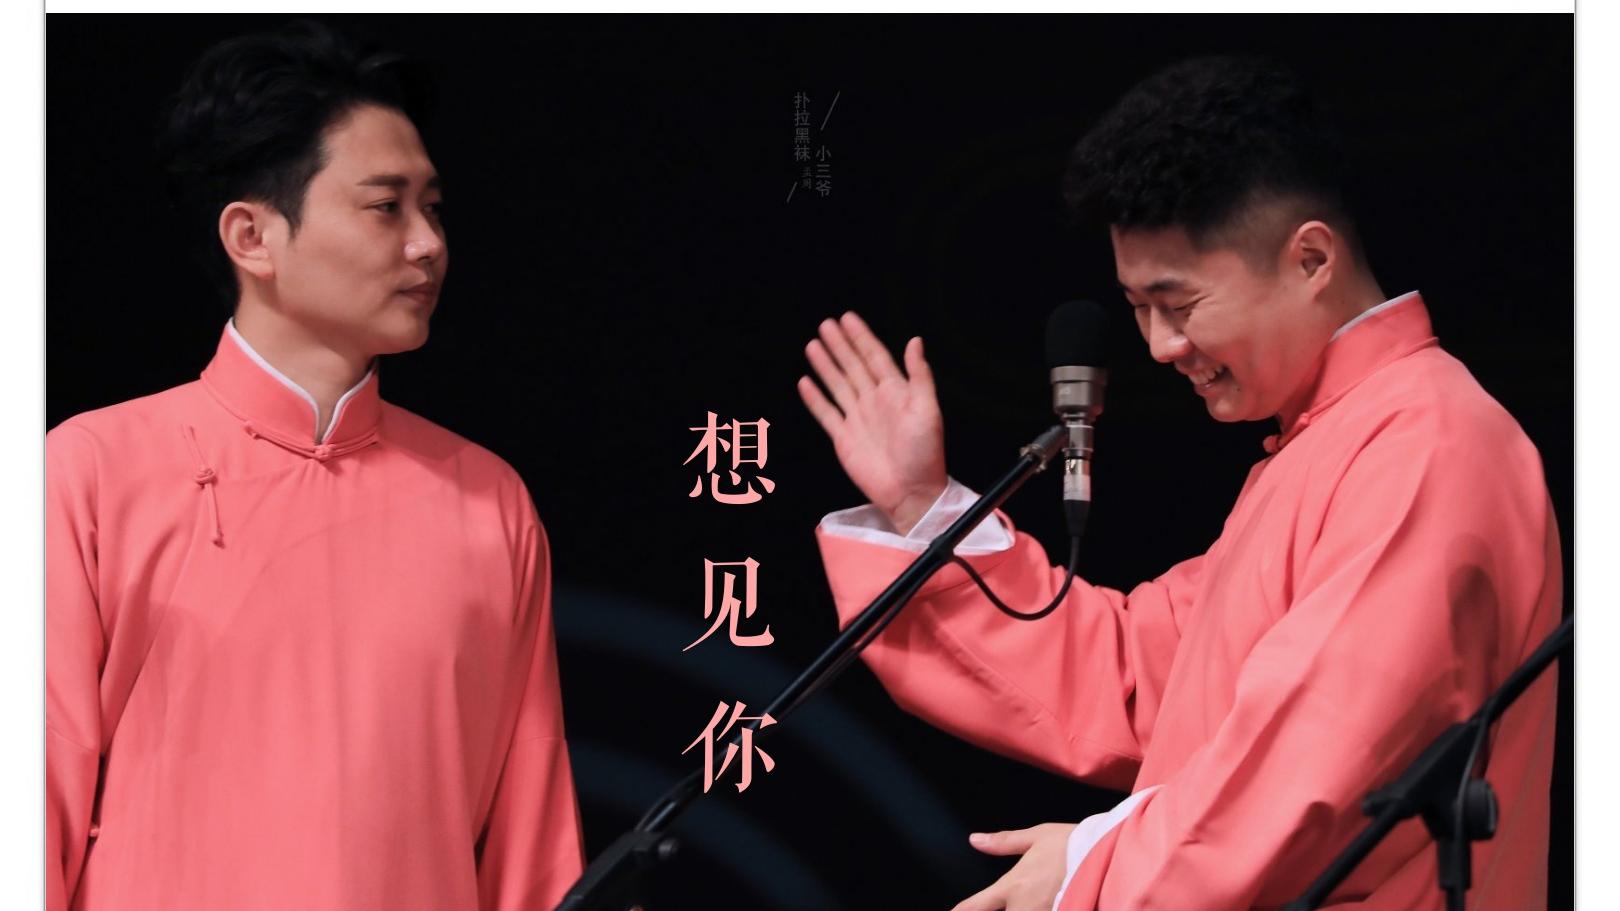 『孟鹤堂周九良Ⅹ想见你』回忆向:伍佰Last Dance